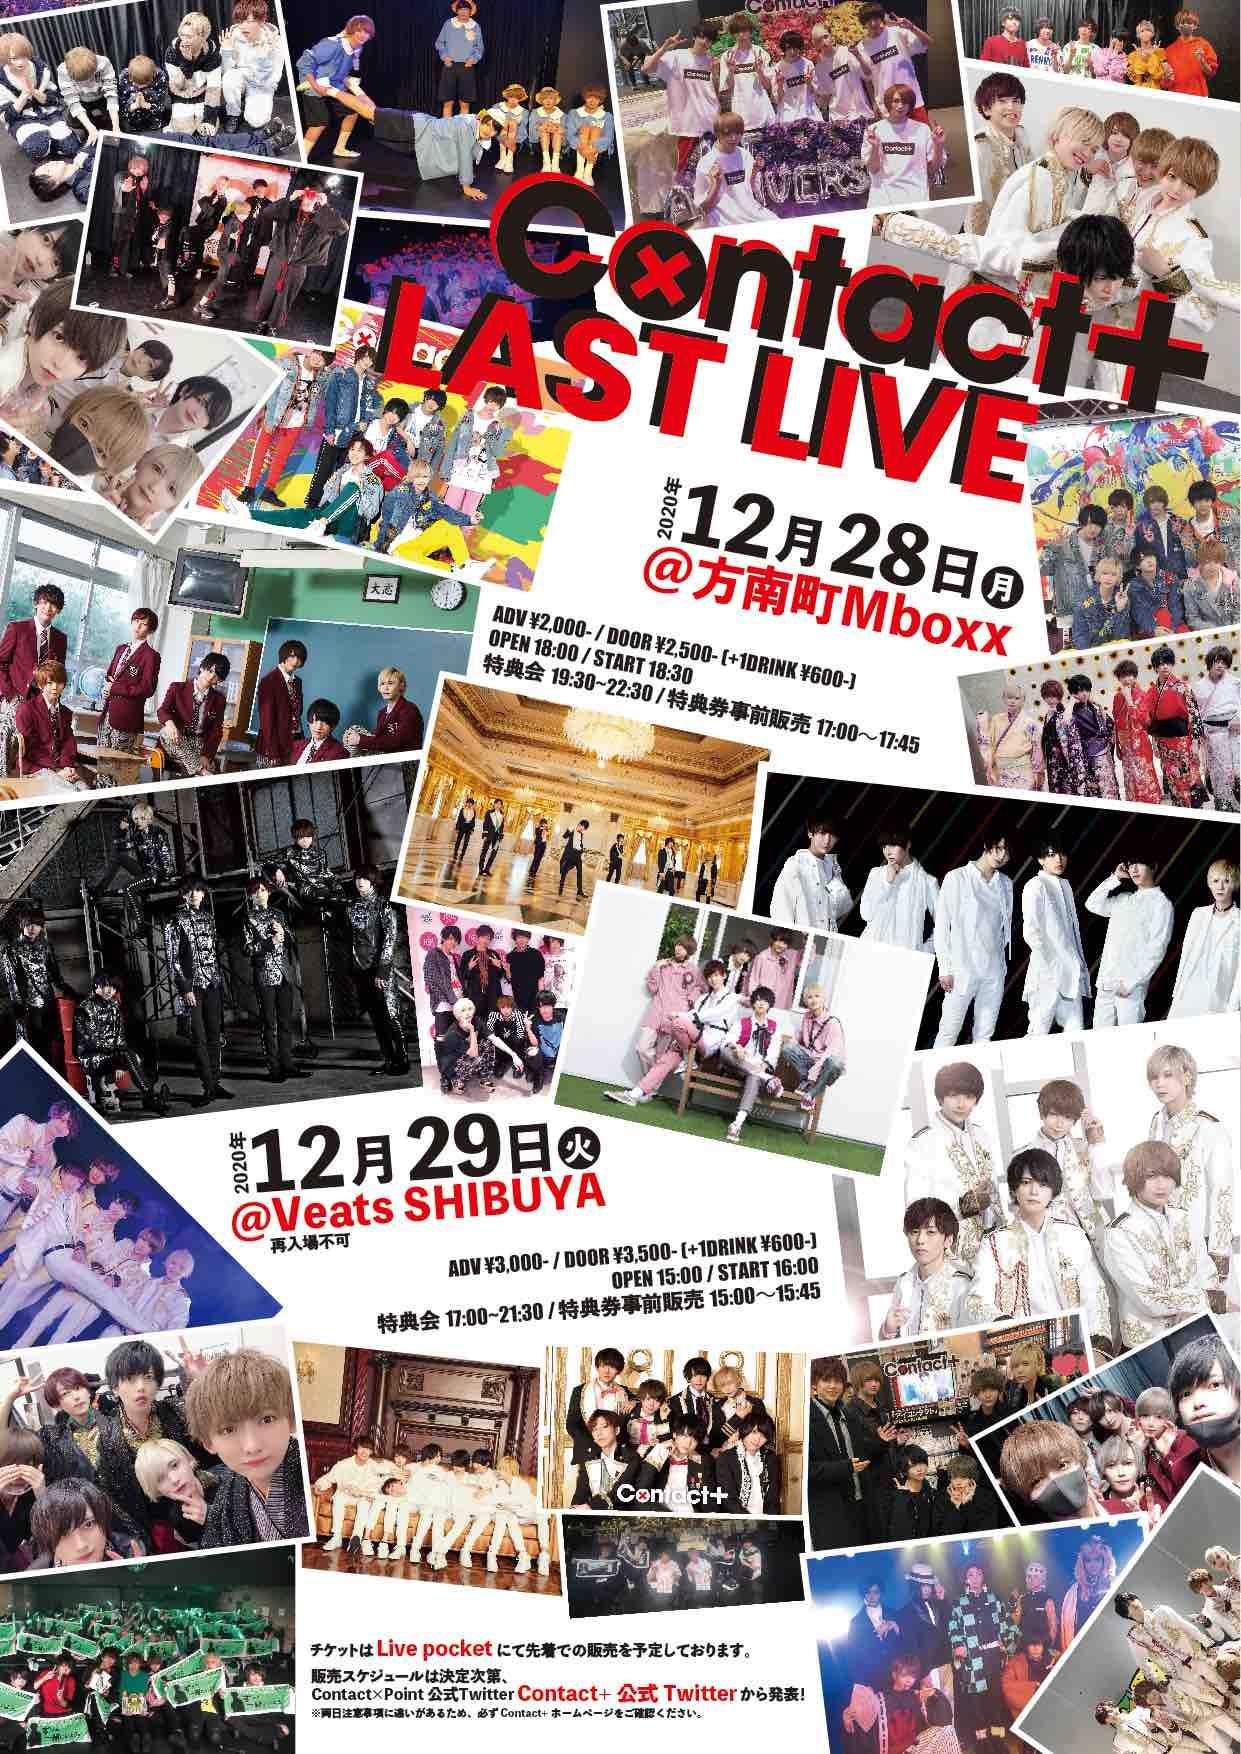 12月29日 Contact+「LAST LIVE 2Days」